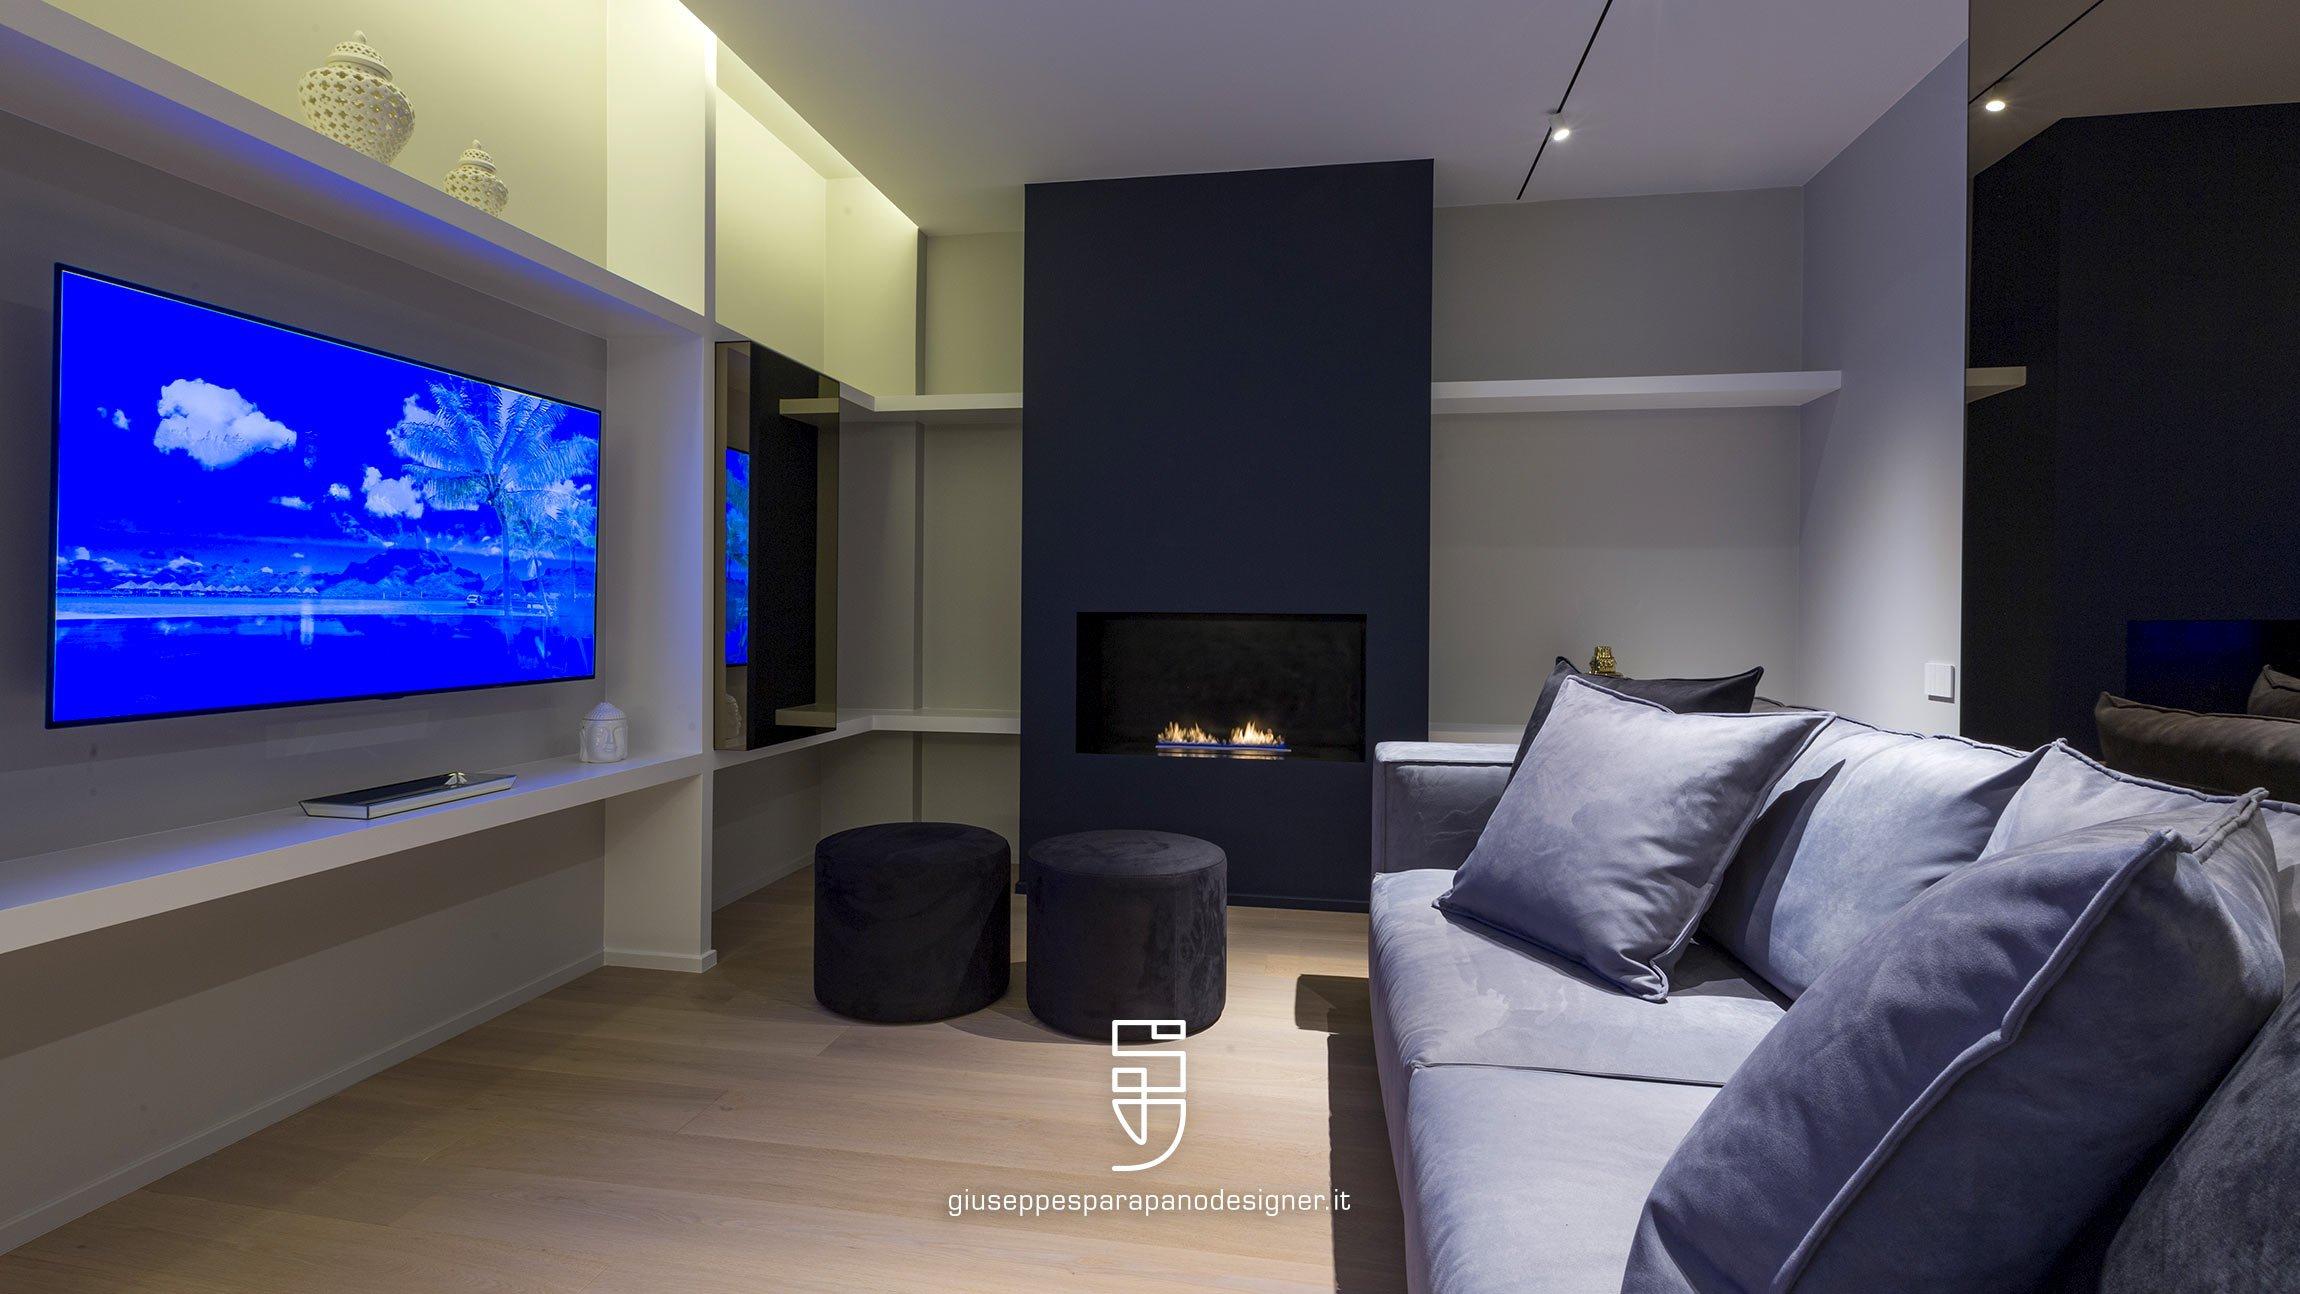 lounge con pavimento in parquet parete attrezzata con tv, divano e caminetto a bioetanolo